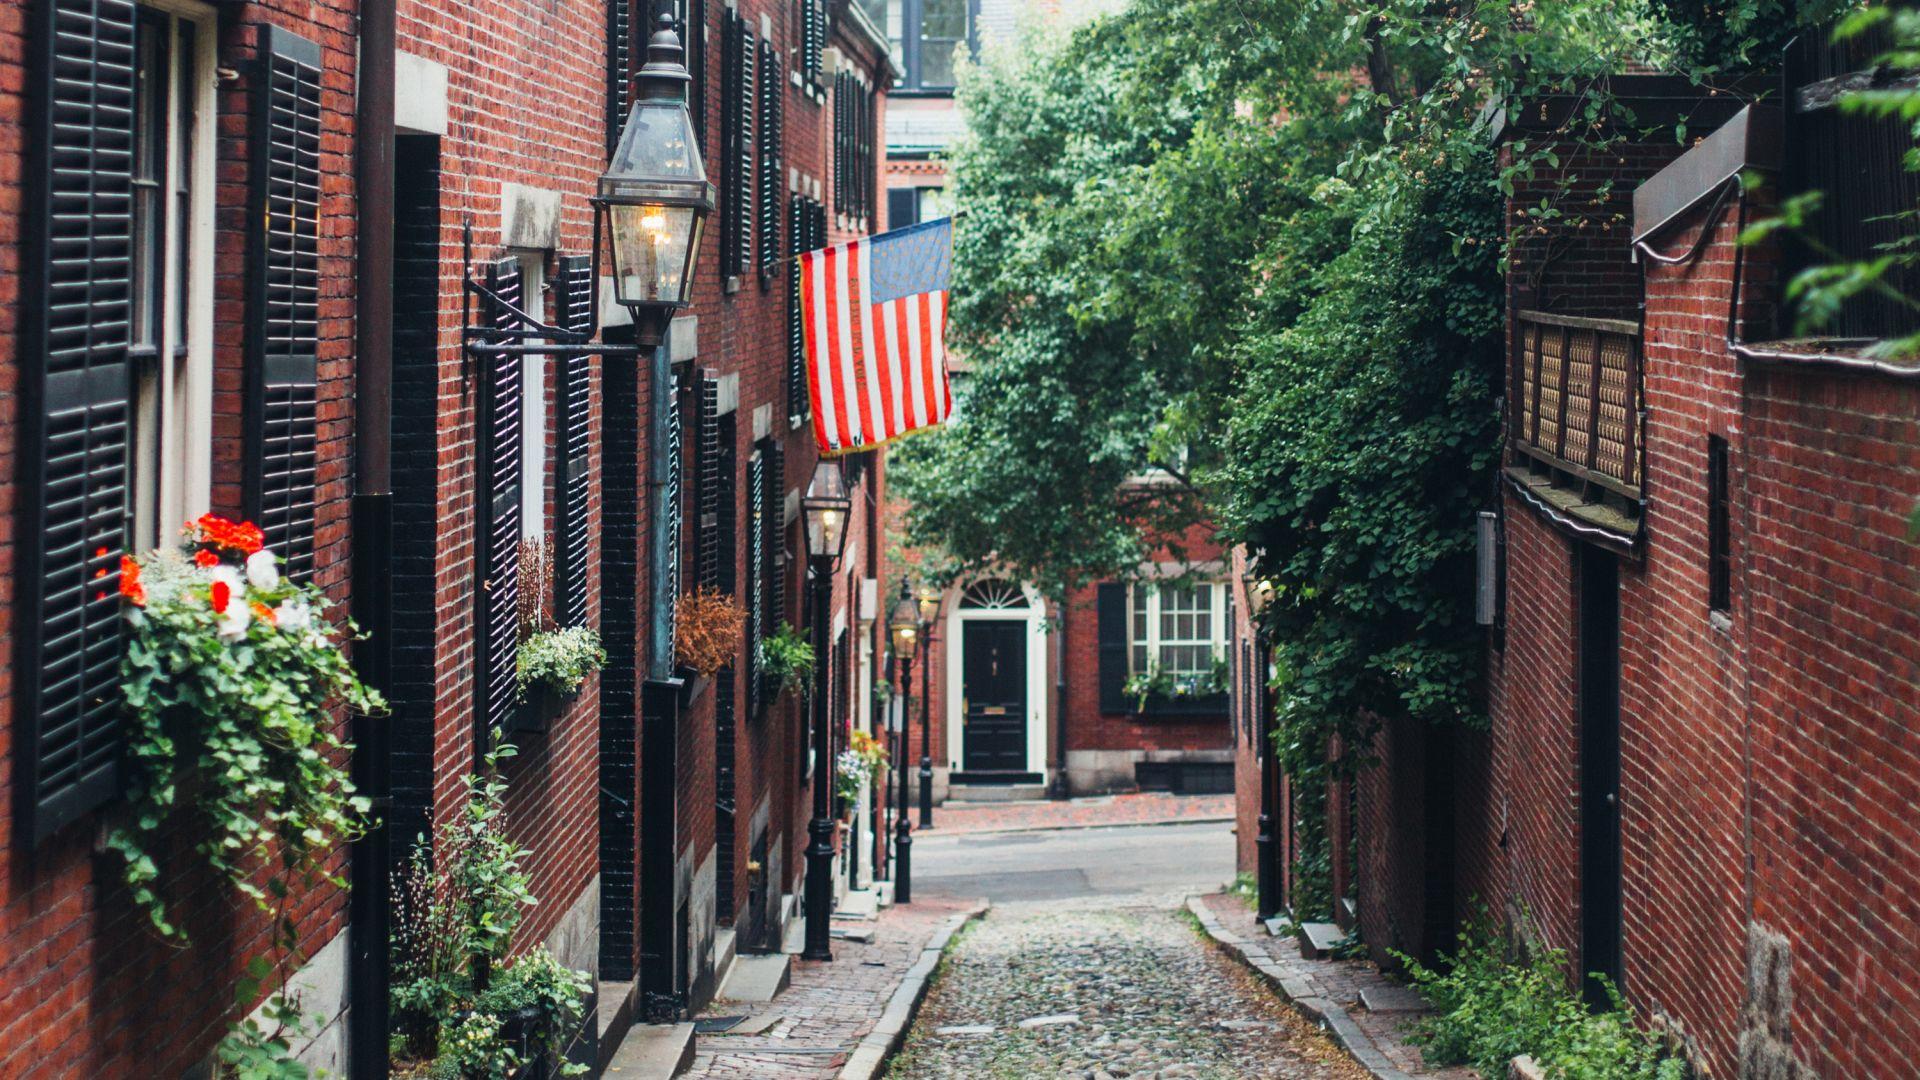   Enamórese de Boston   Disfrute de las comodidades temáticas estacionales, una botella de vino y el mapa de colores del follaje al registrarse   Conozca más